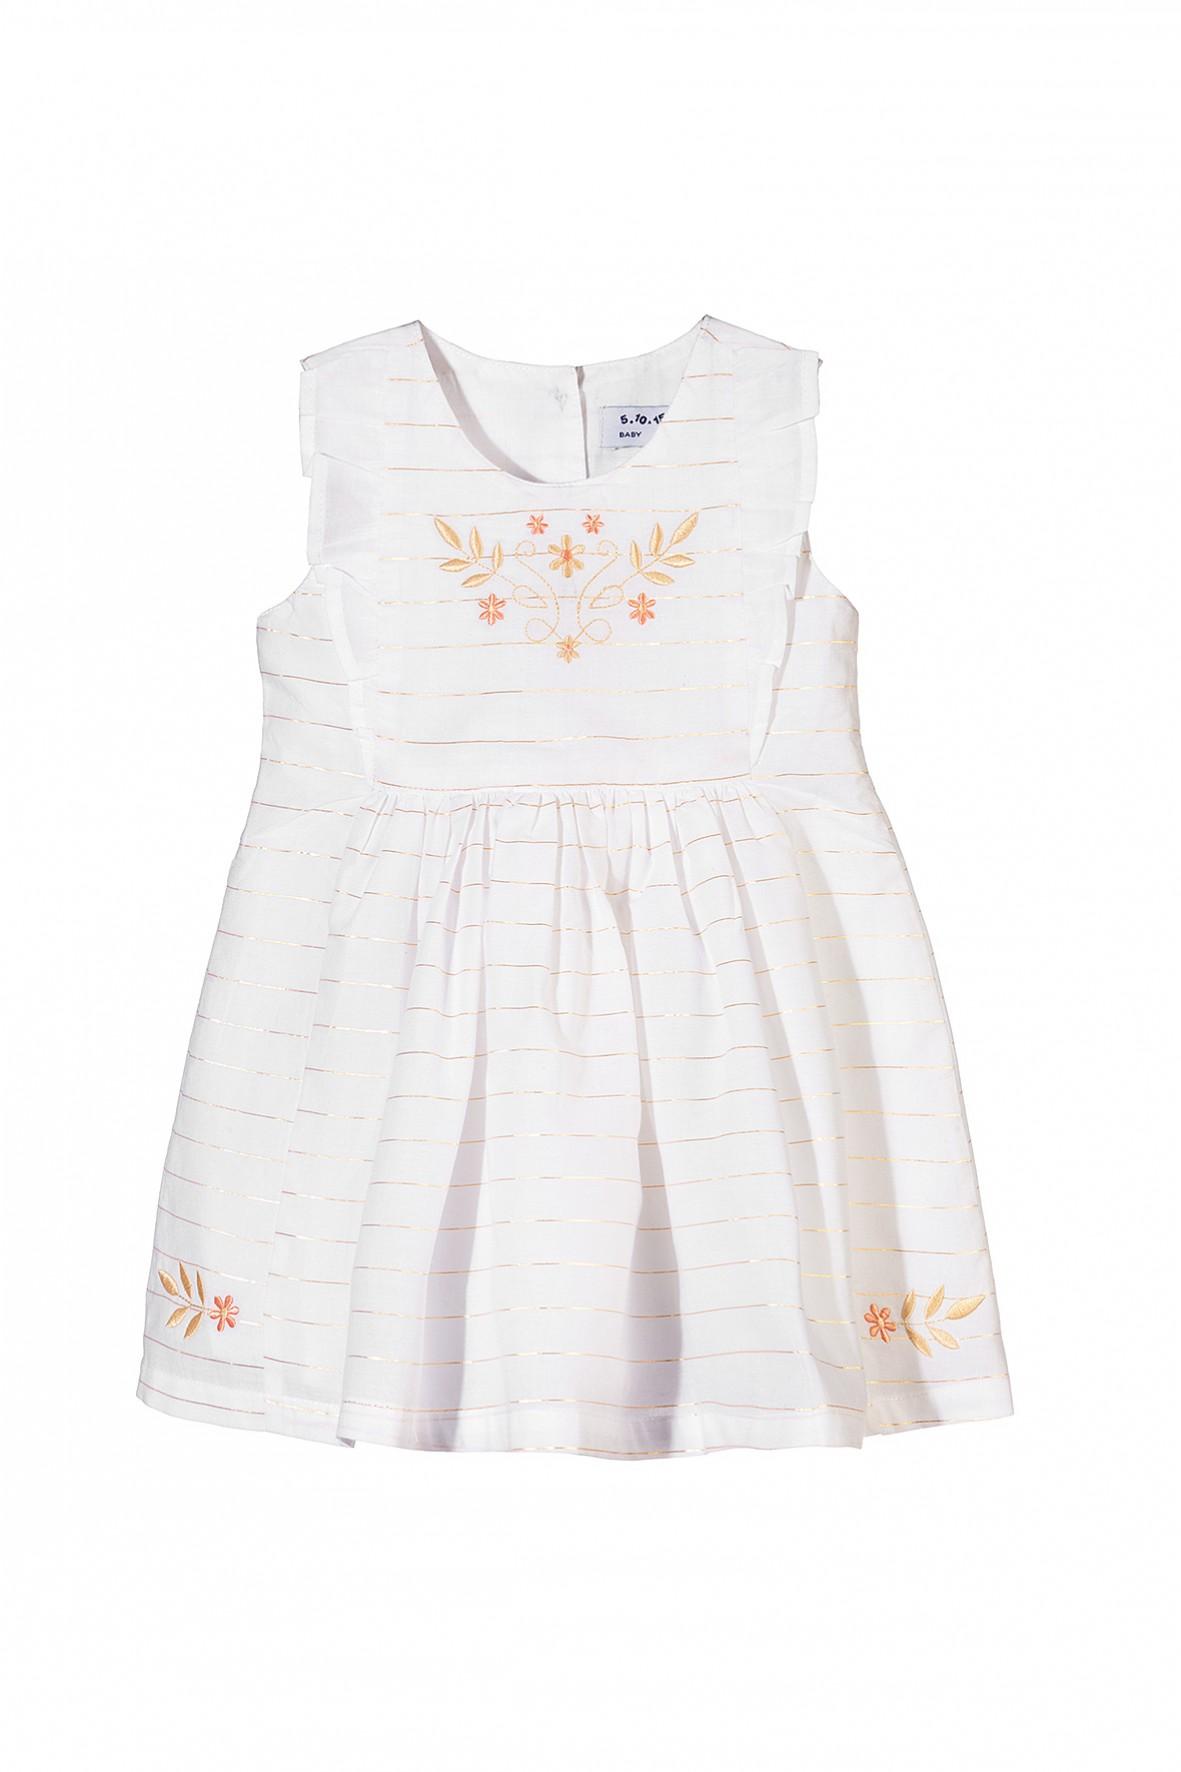 63b4dae05c Ekstremalne Elegancka sukienka dla małej dziewczynki dostępna w rozmiarach  62 IP-54